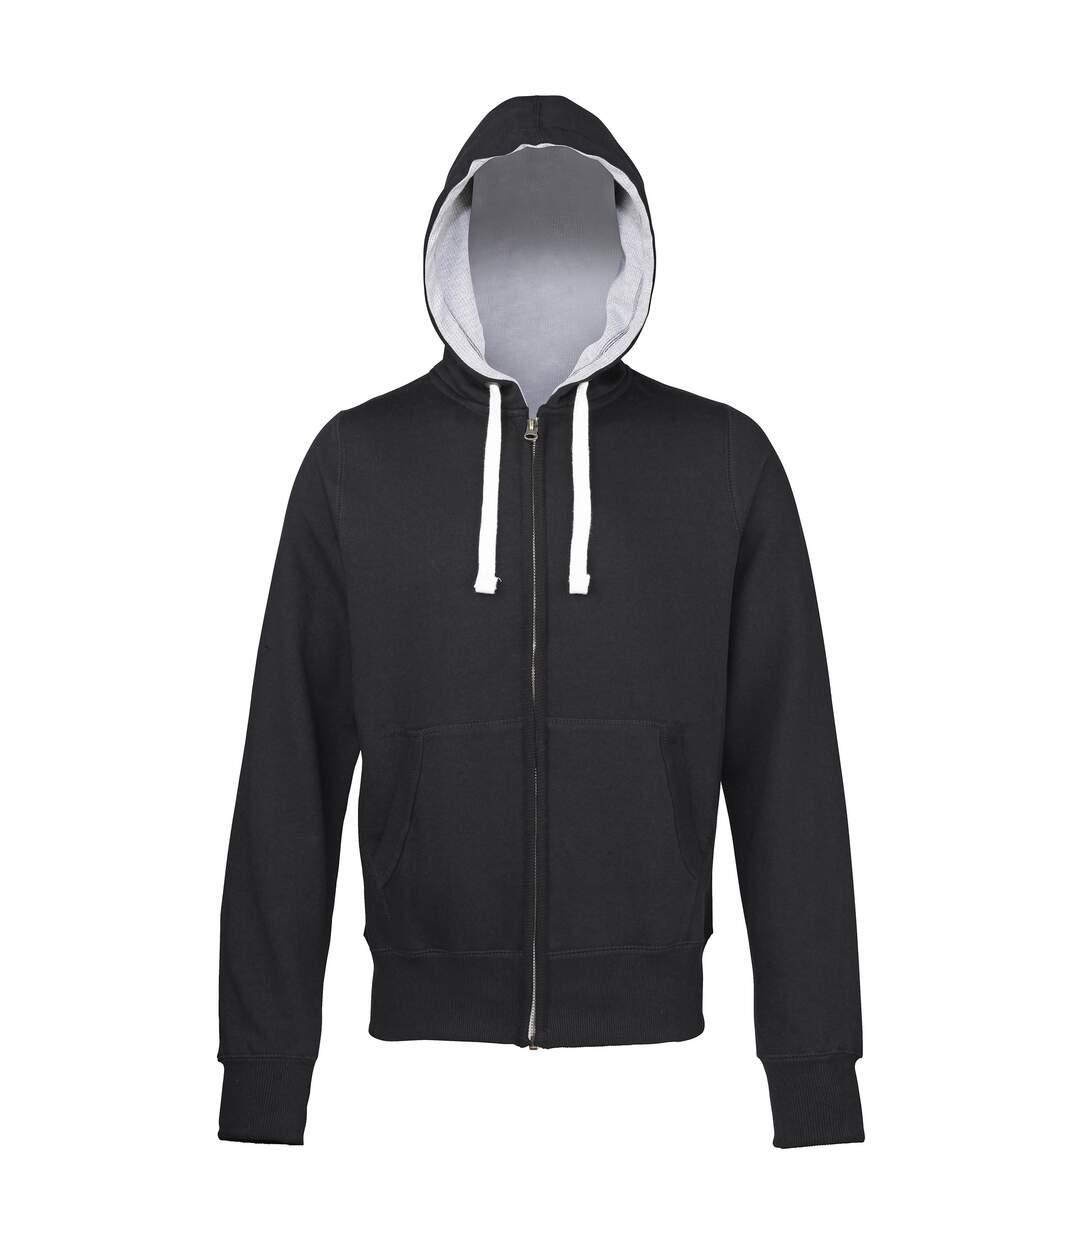 Awdis - Sweatshirt À Capuche Et Fermeture Zippée - Homme (Gris) - UTRW181